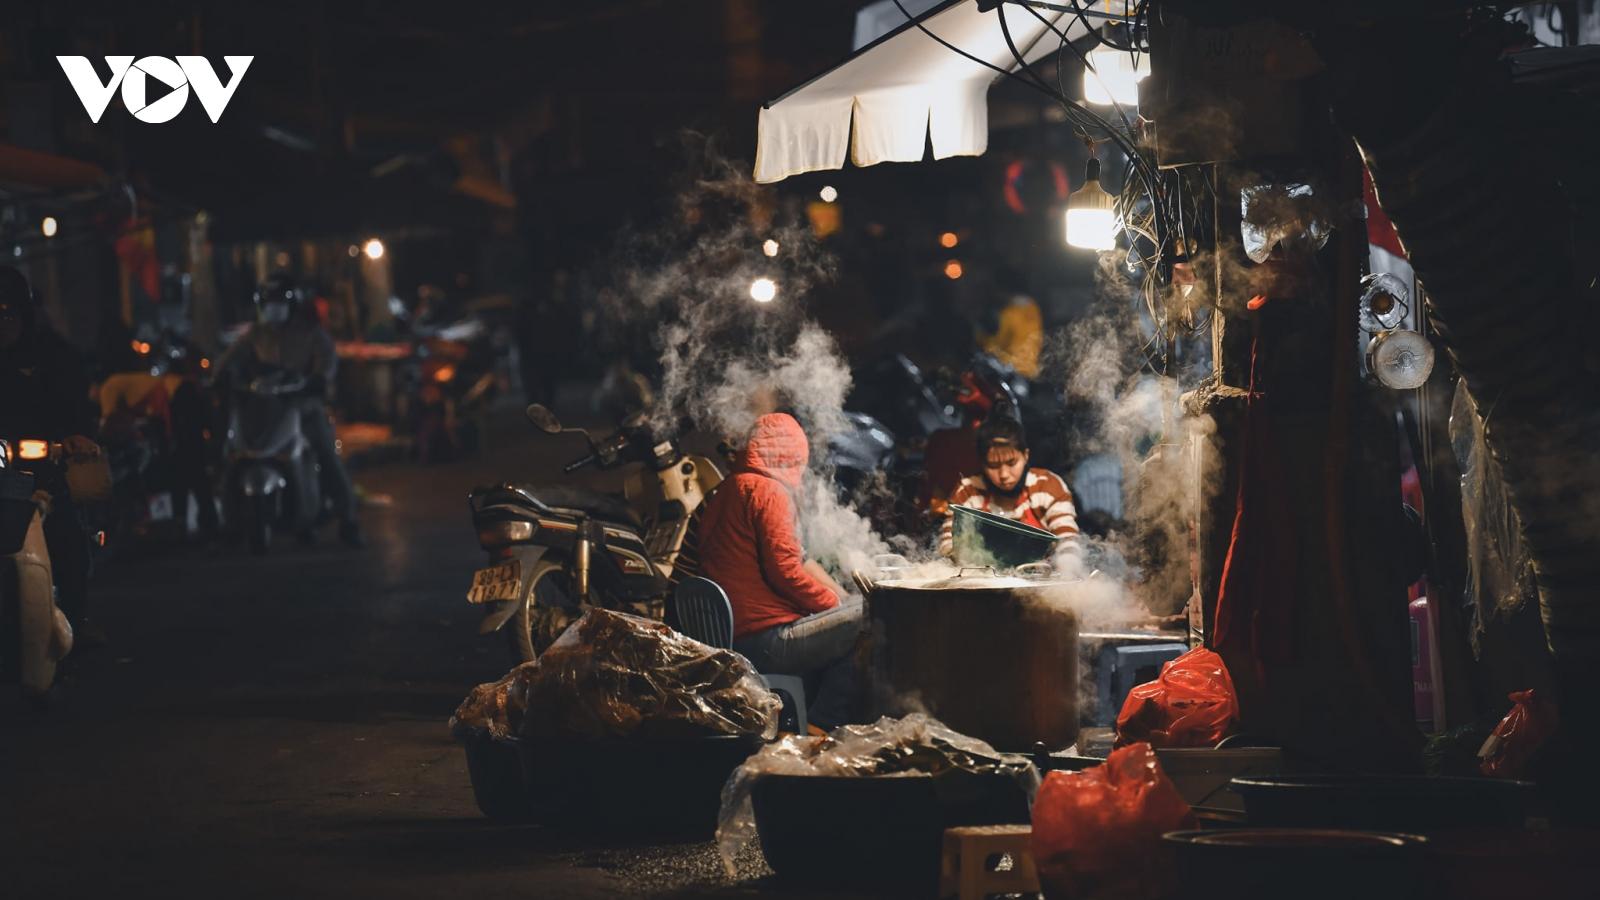 Khoảnh khắc đường phố bình dị đậm chất Hà Nội những ngày giáp Tết